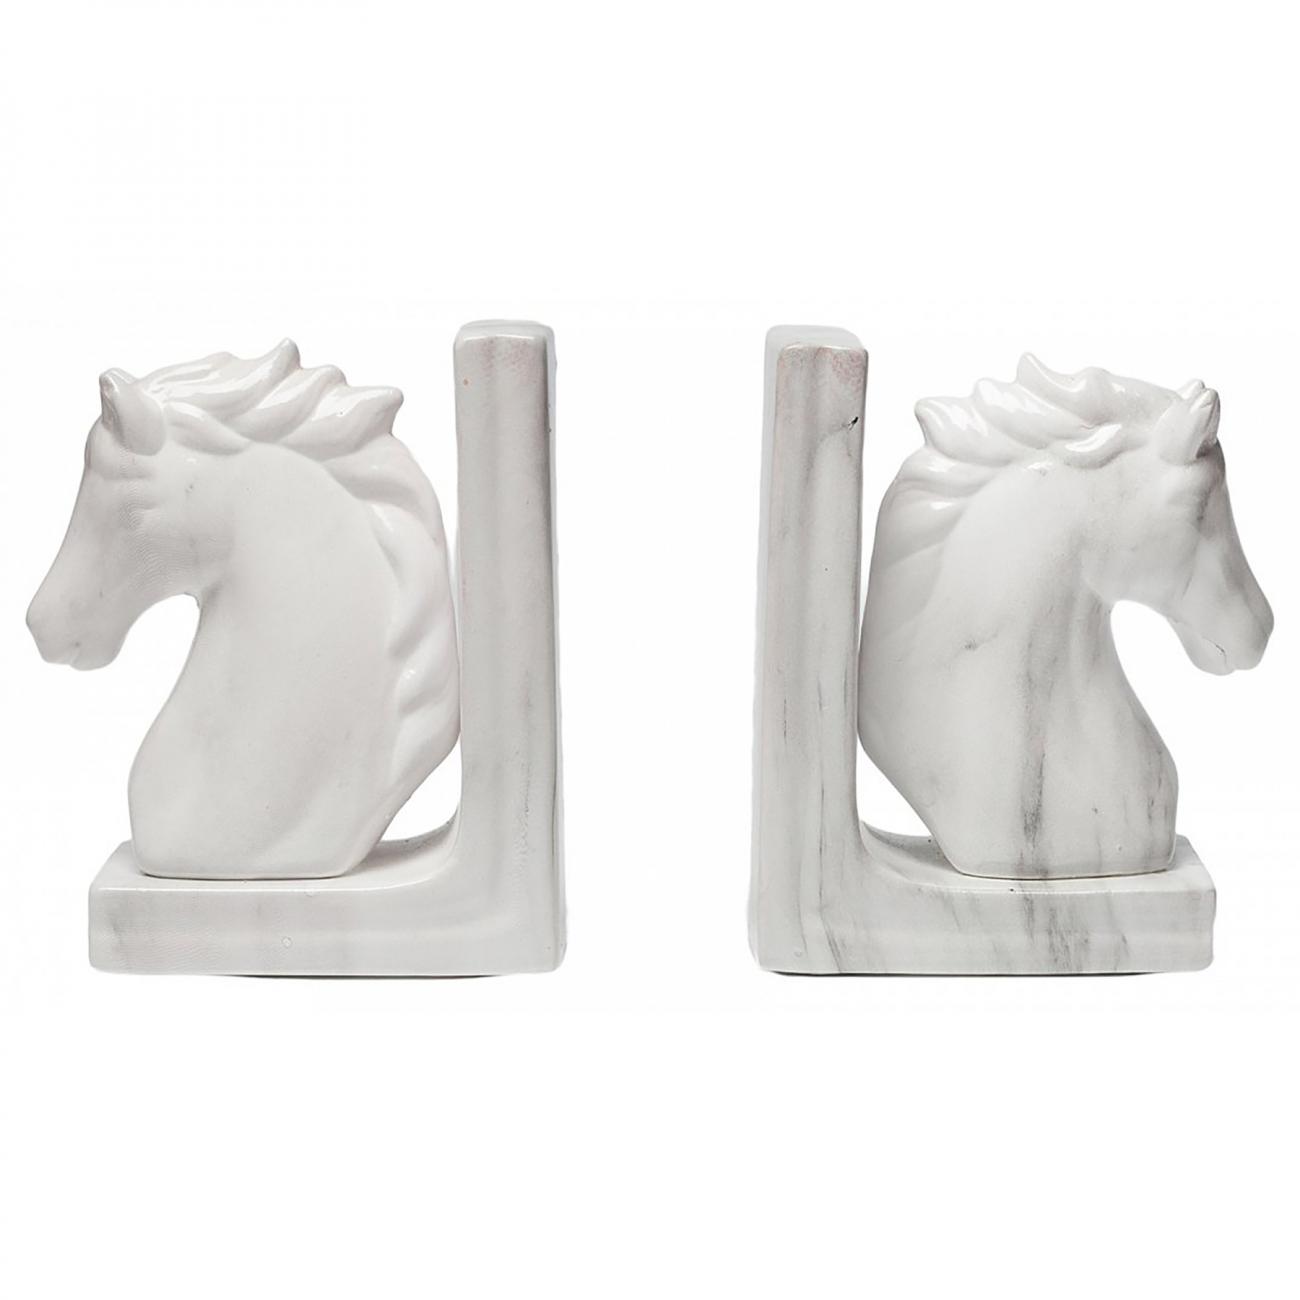 Купить Набор держателей для книг Horses в интернет магазине дизайнерской мебели и аксессуаров для дома и дачи